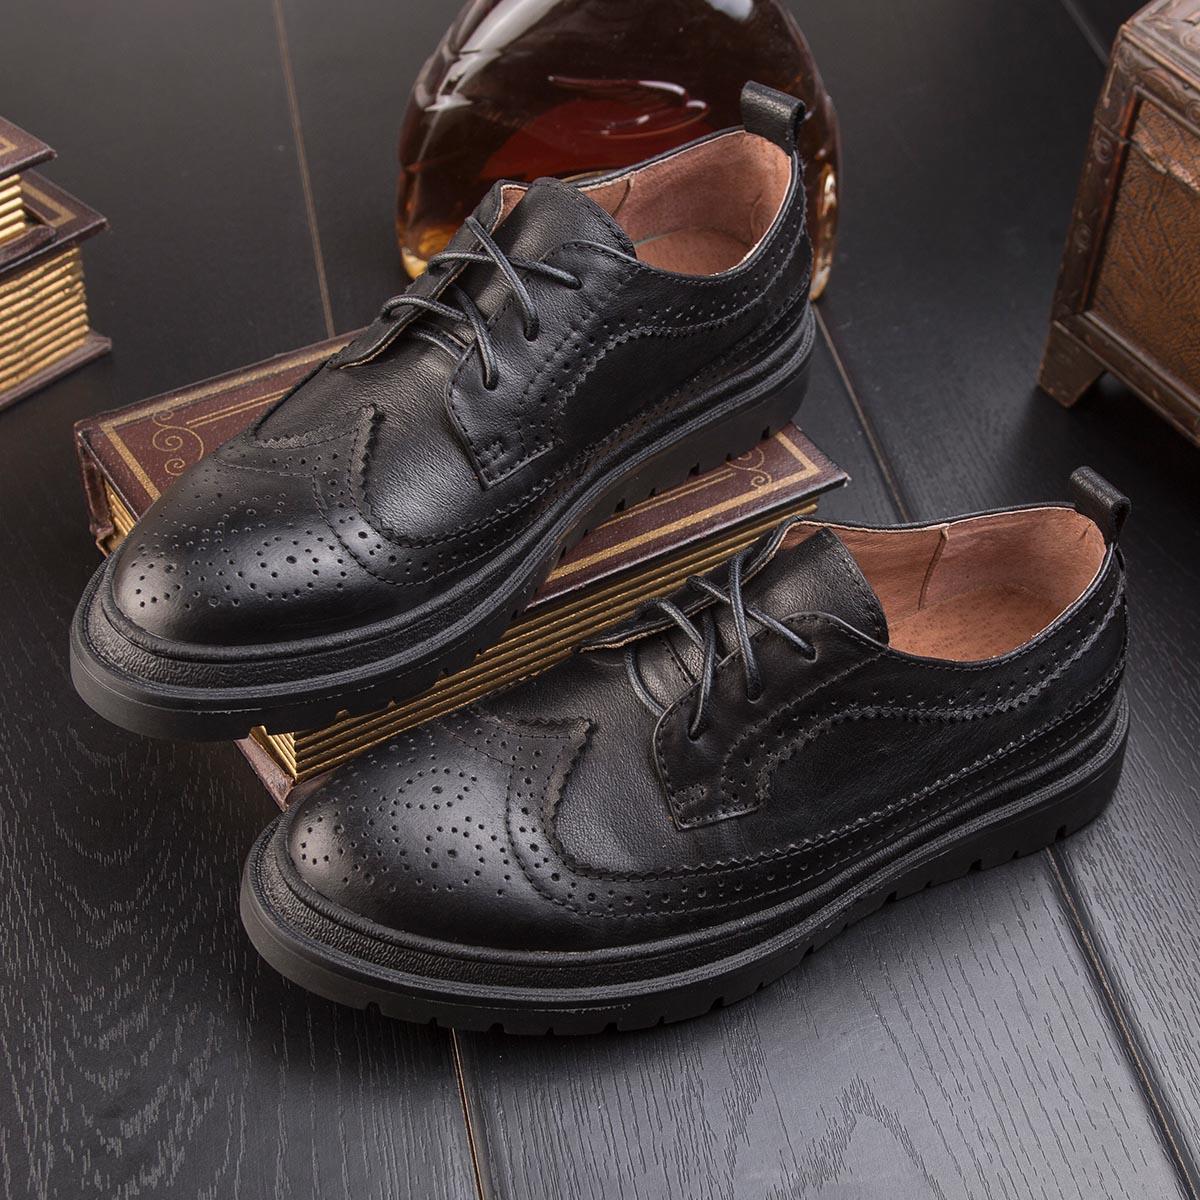 Otoño Cuero Inglaterra Tallado Gruesa Hombres De Negro Zapatos Brock Derby Retro Casuales marrón Los Nueva zXxdqz